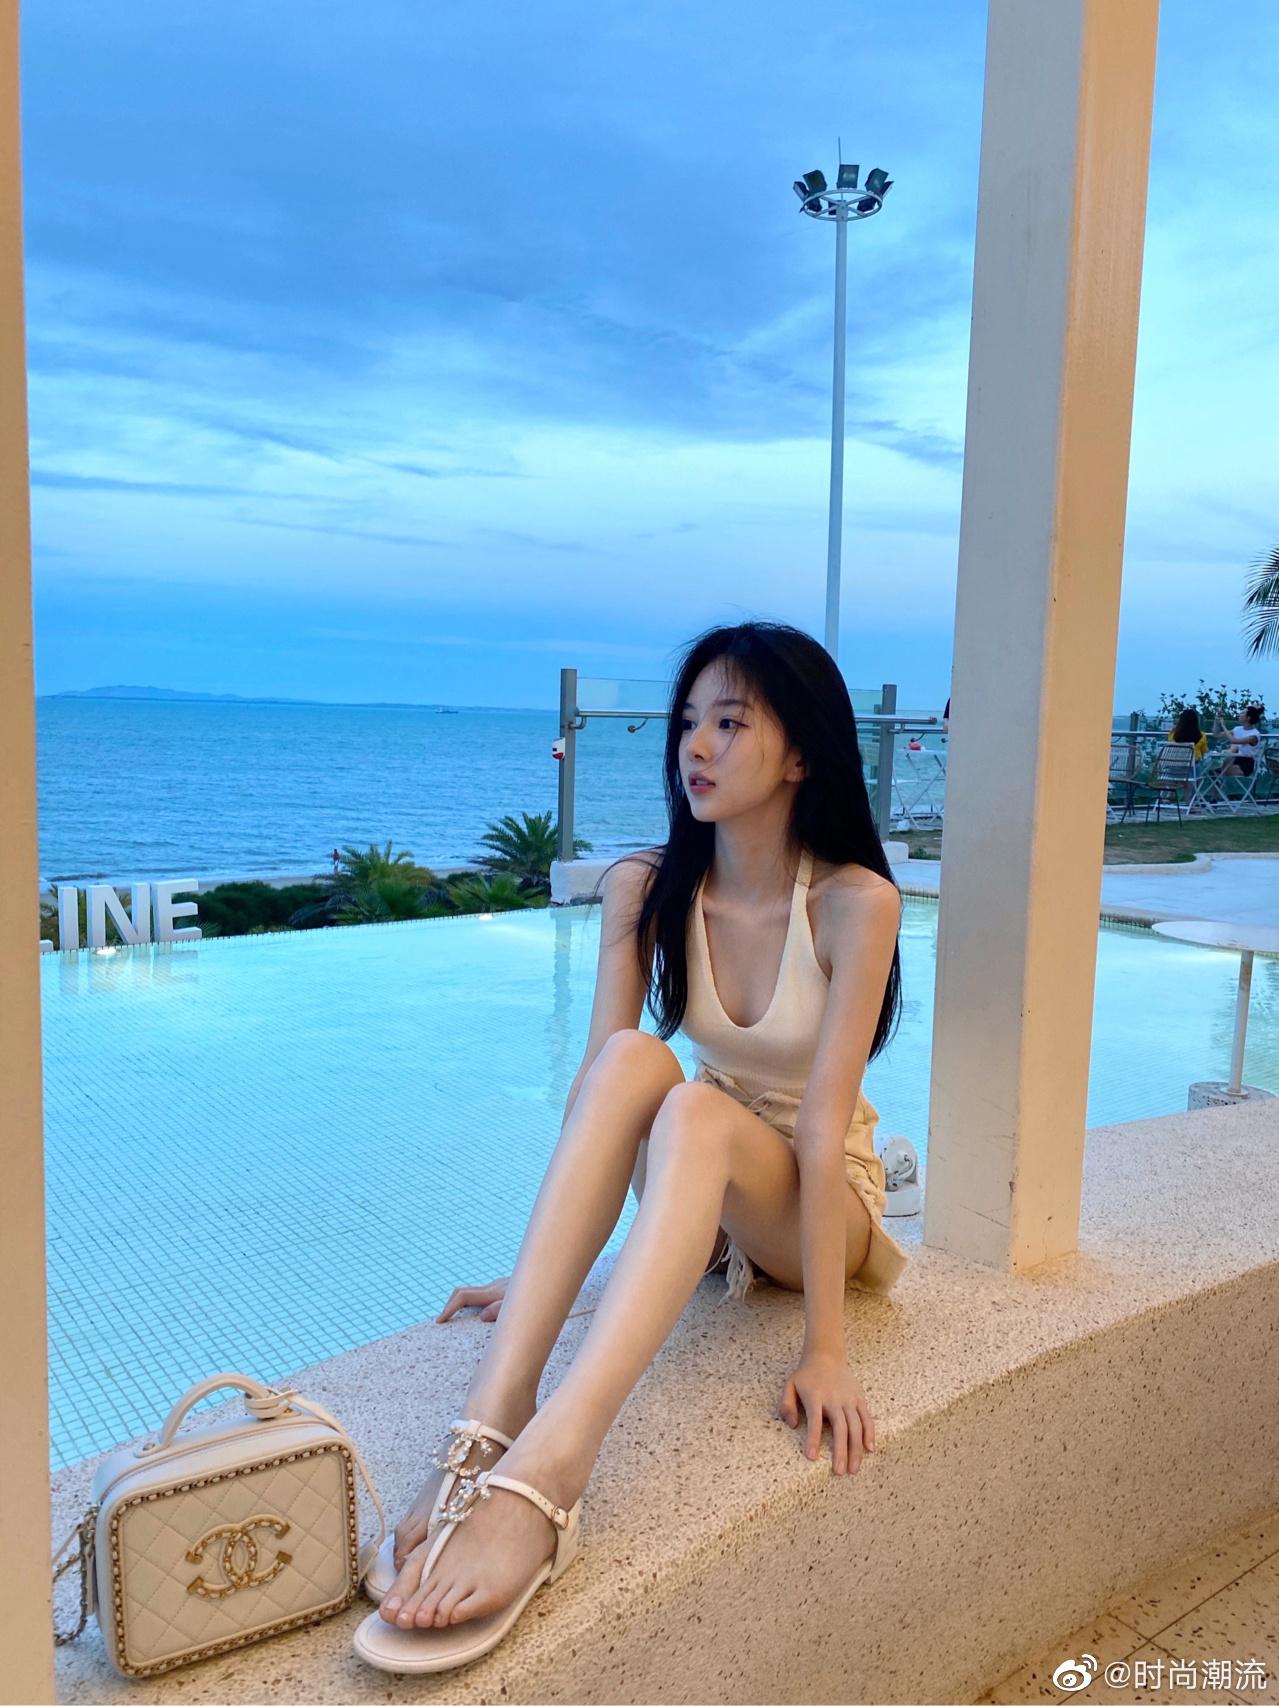 公主日记夏天海边穿搭|白色纯欲yyds...美女